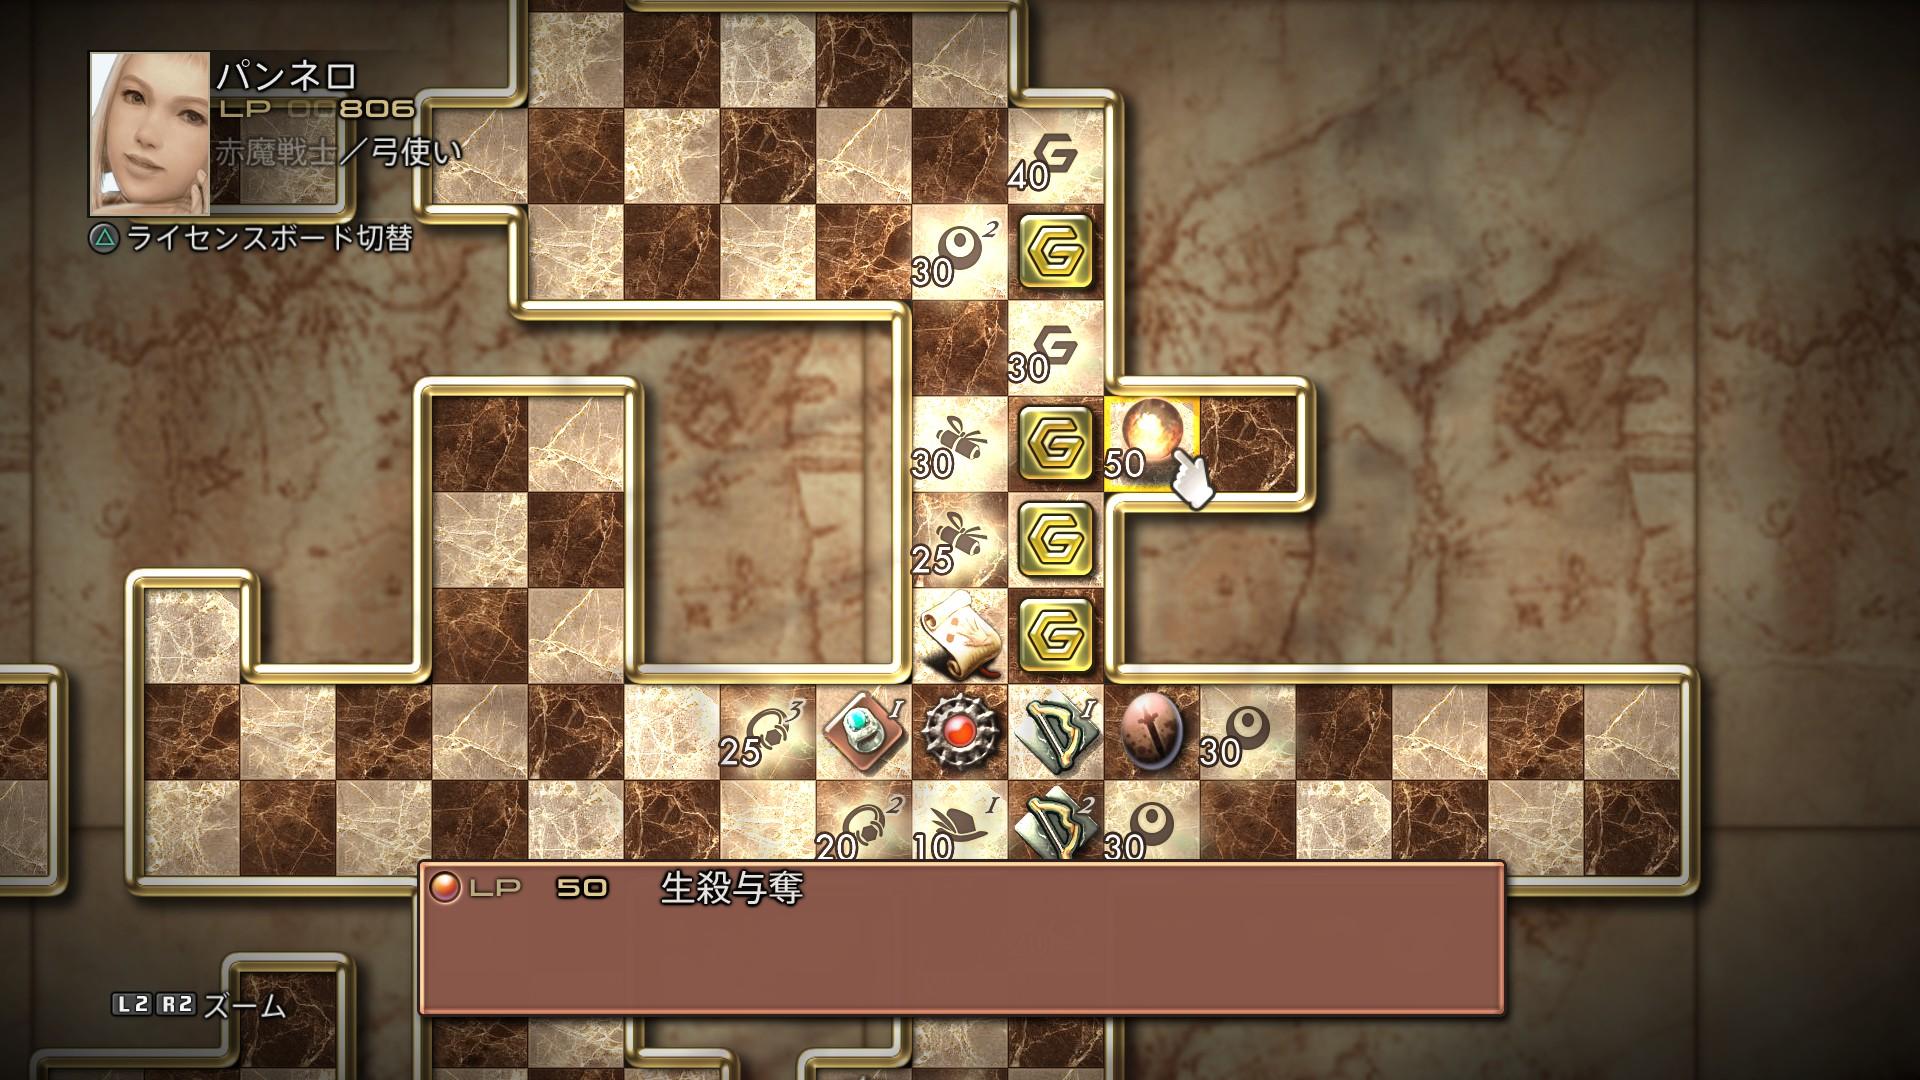 Lov, klany a nepřátelé z Final Fantasy XII: The Zodiac Age na screenshotech 146296